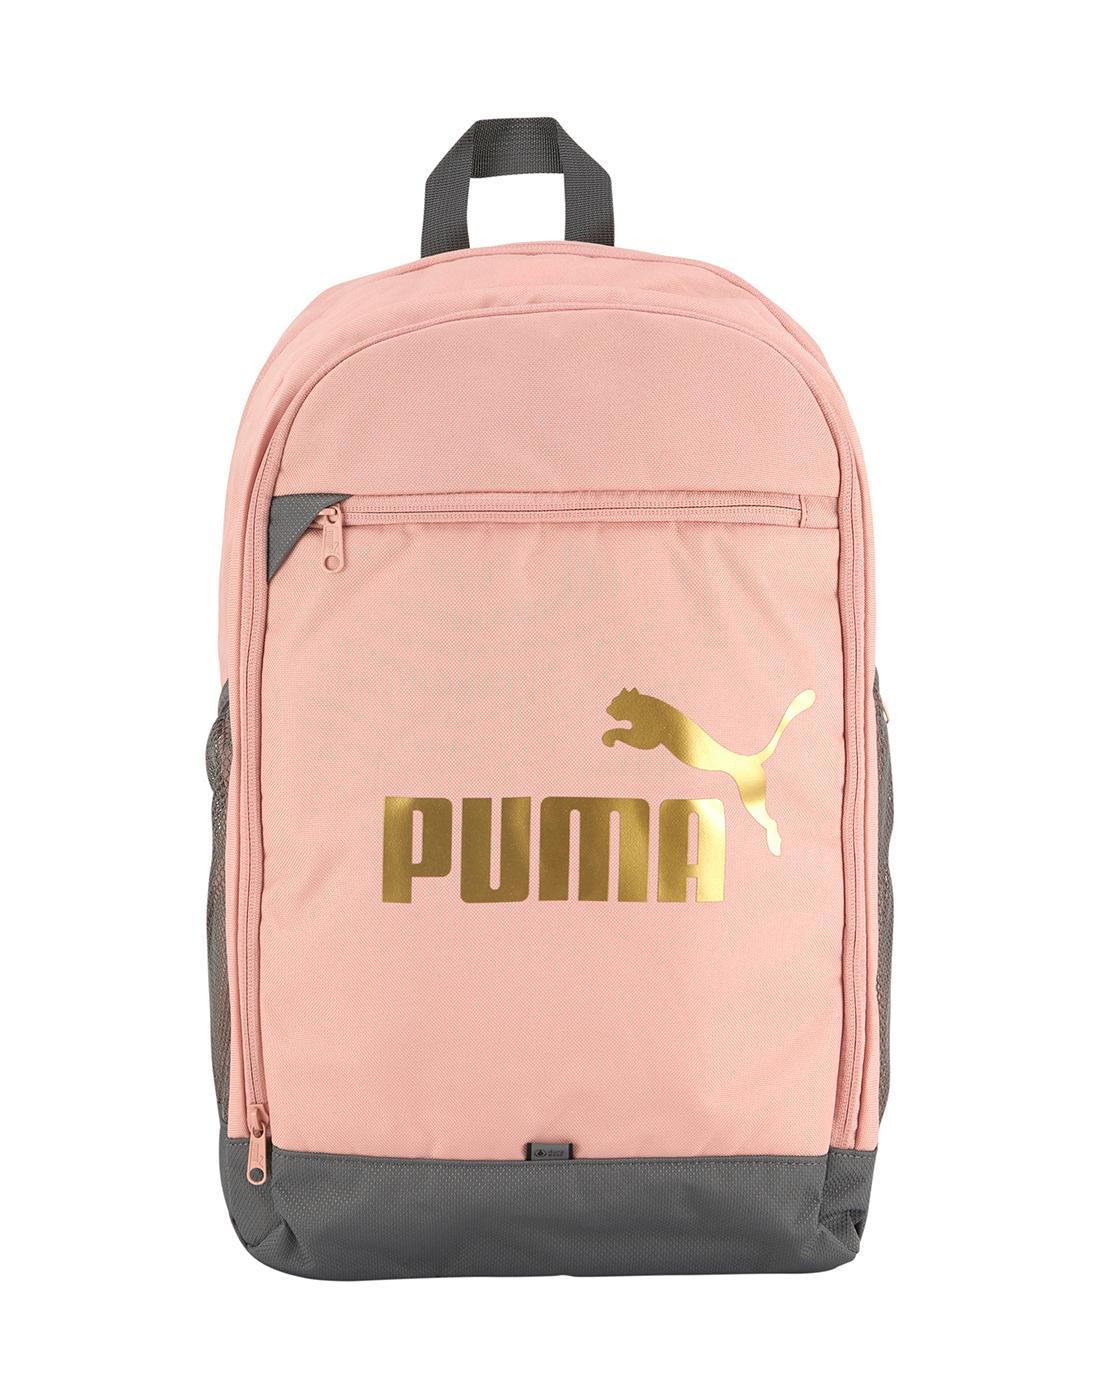 d10fb5e77ded Pink Puma School Bag